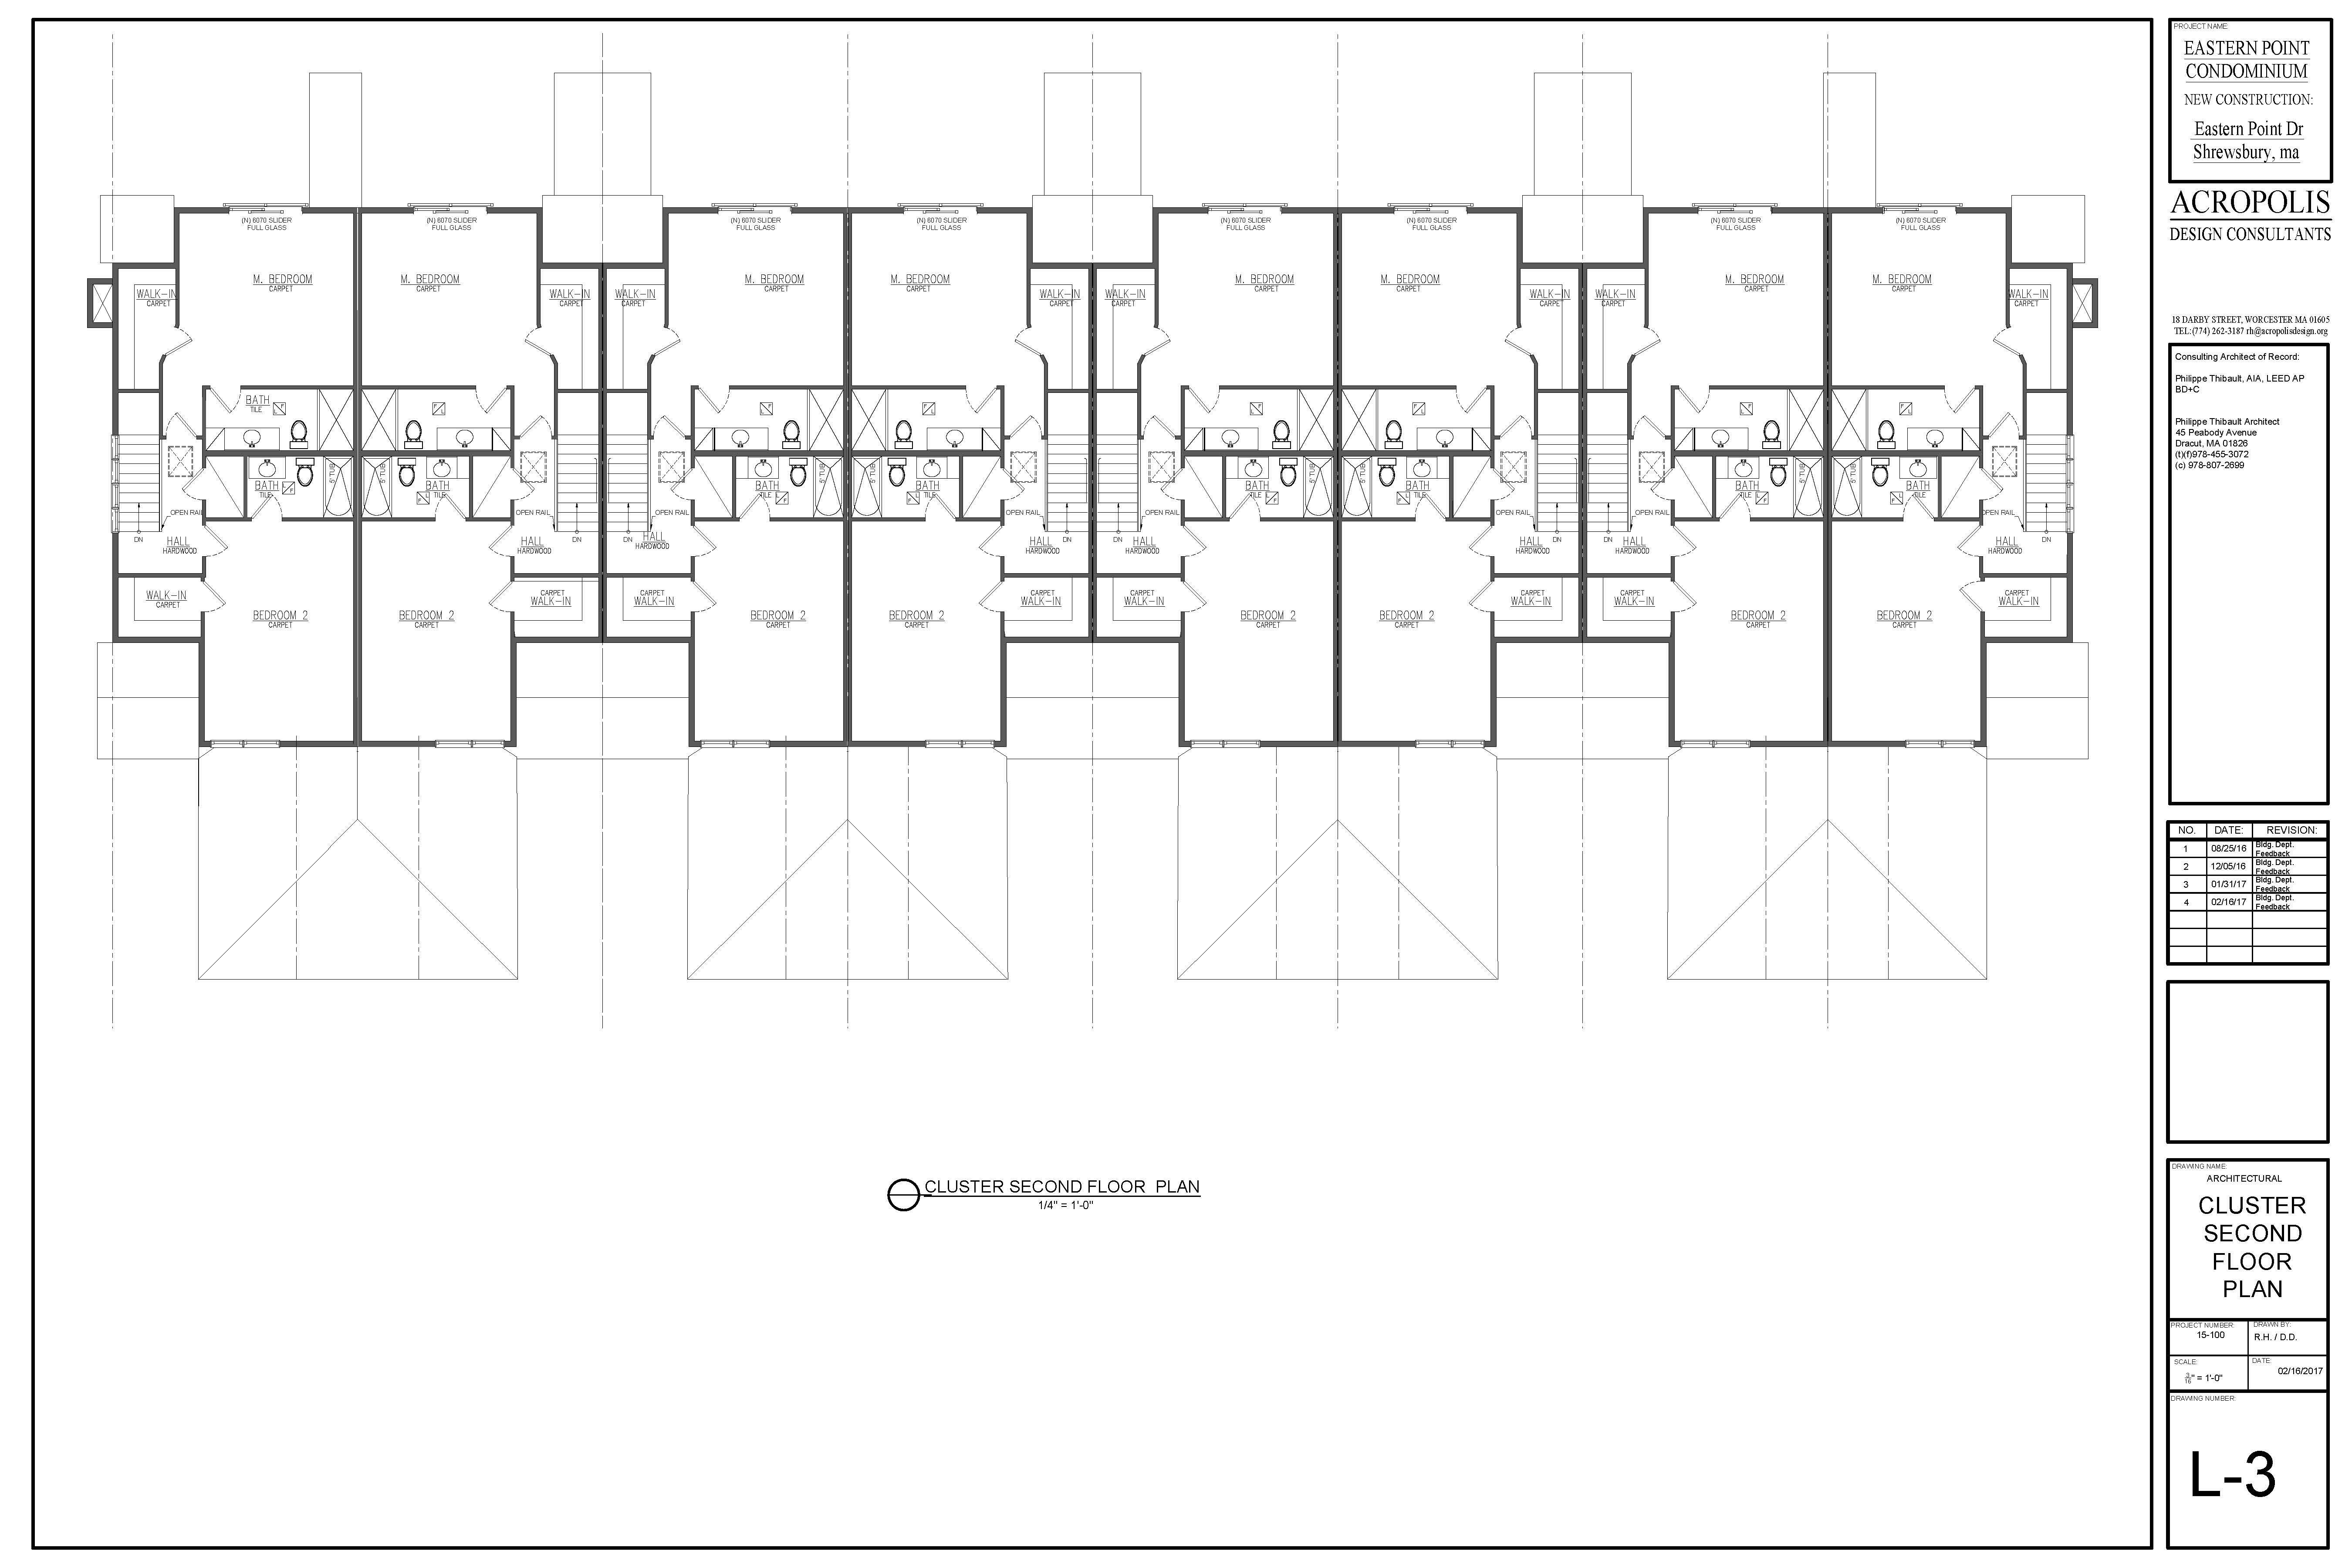 Cluster Second floor plan